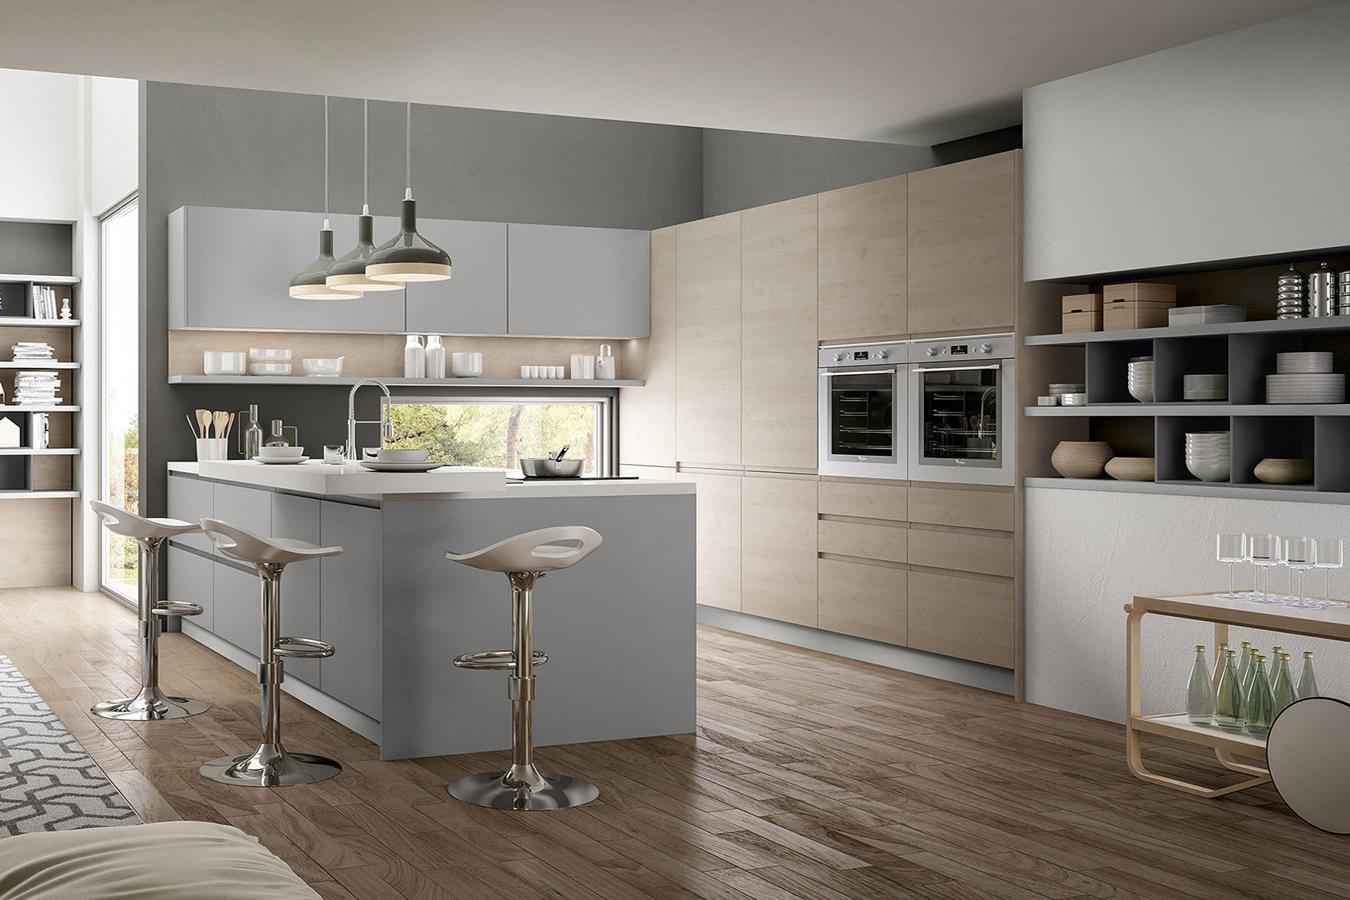 152 Mobili Arredo Cucina - cucina wega di arredo3 righetti ...